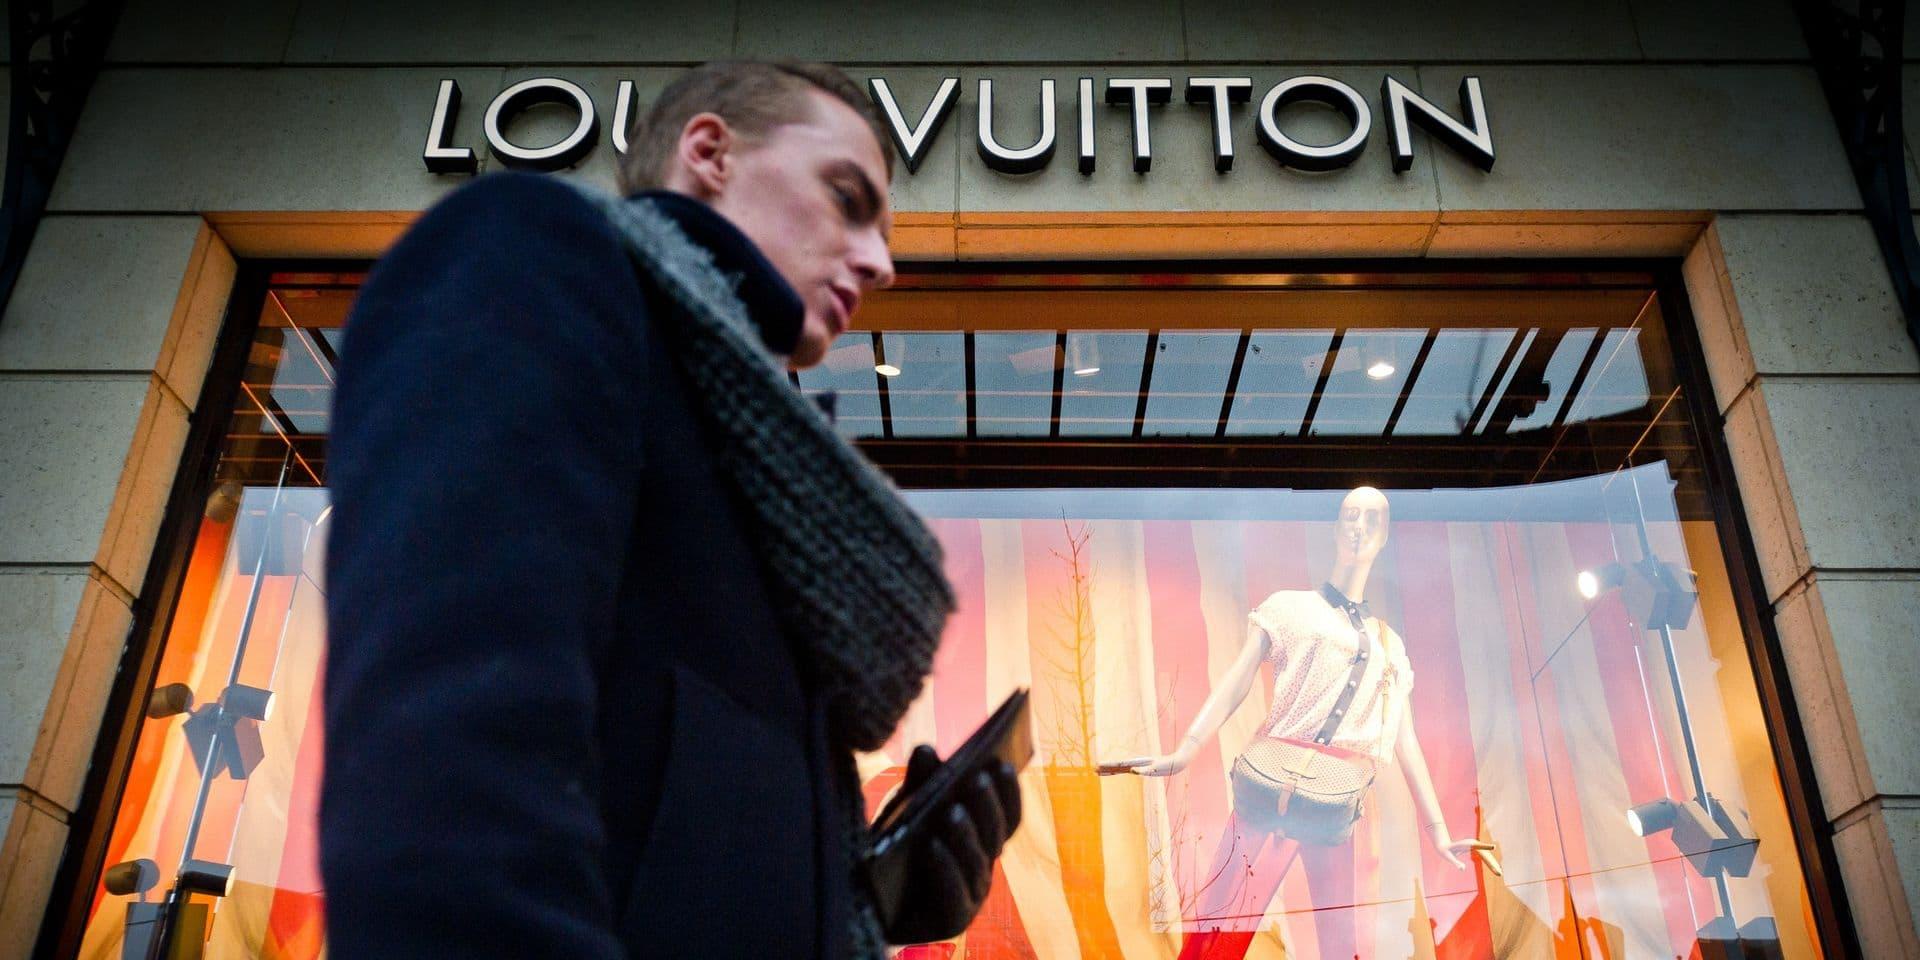 Louis Vuitton va faire tailler à Anvers le deuxième plus gros diamant brut au monde